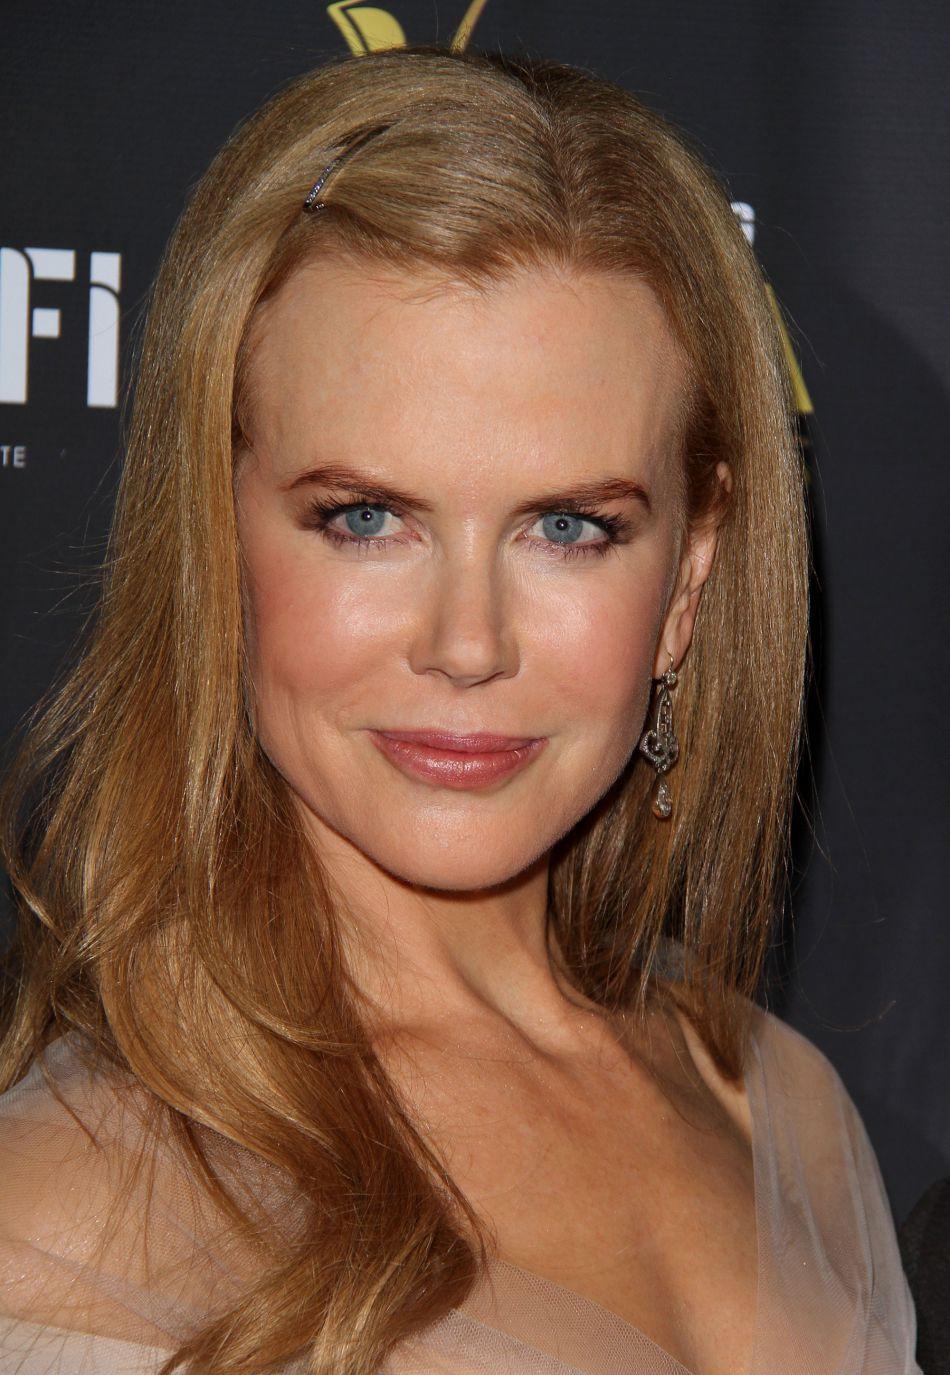 En janvier 2012, c'est une Nicole Kidman bronzée qu'on retrouve sur le tapis rouge.